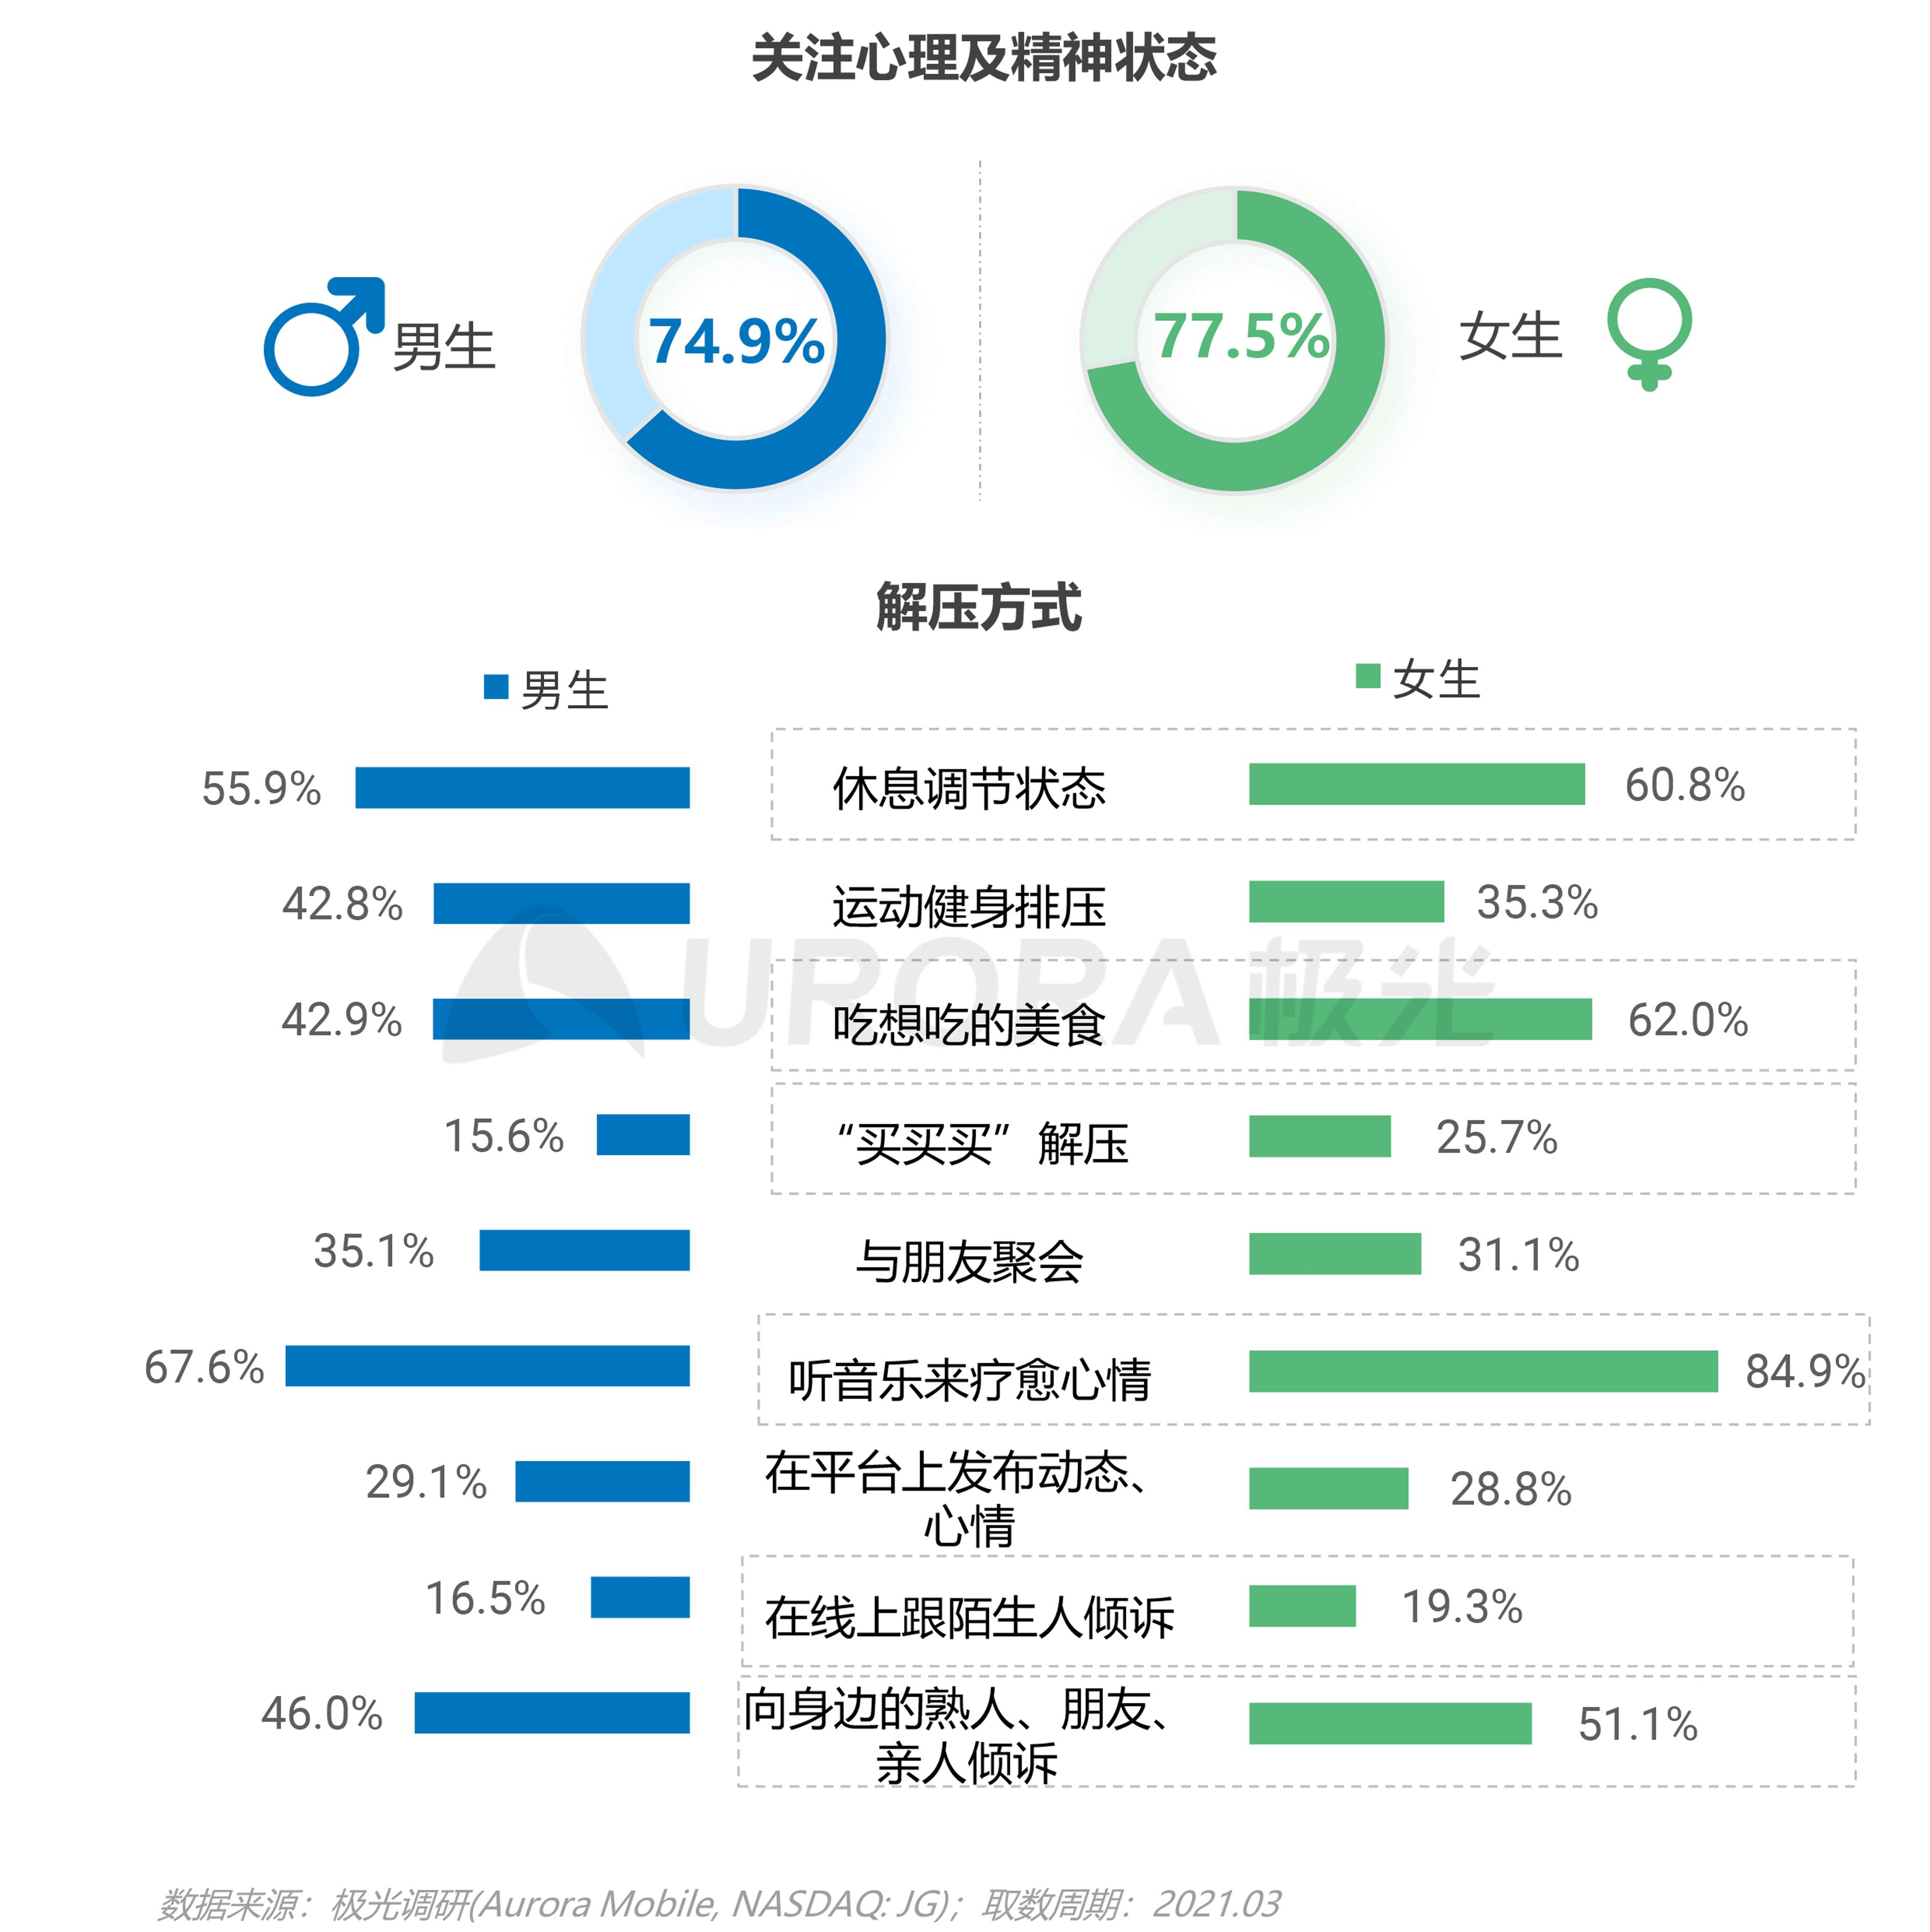 2021年轻人营销趋势研究报告【定稿】-48.png